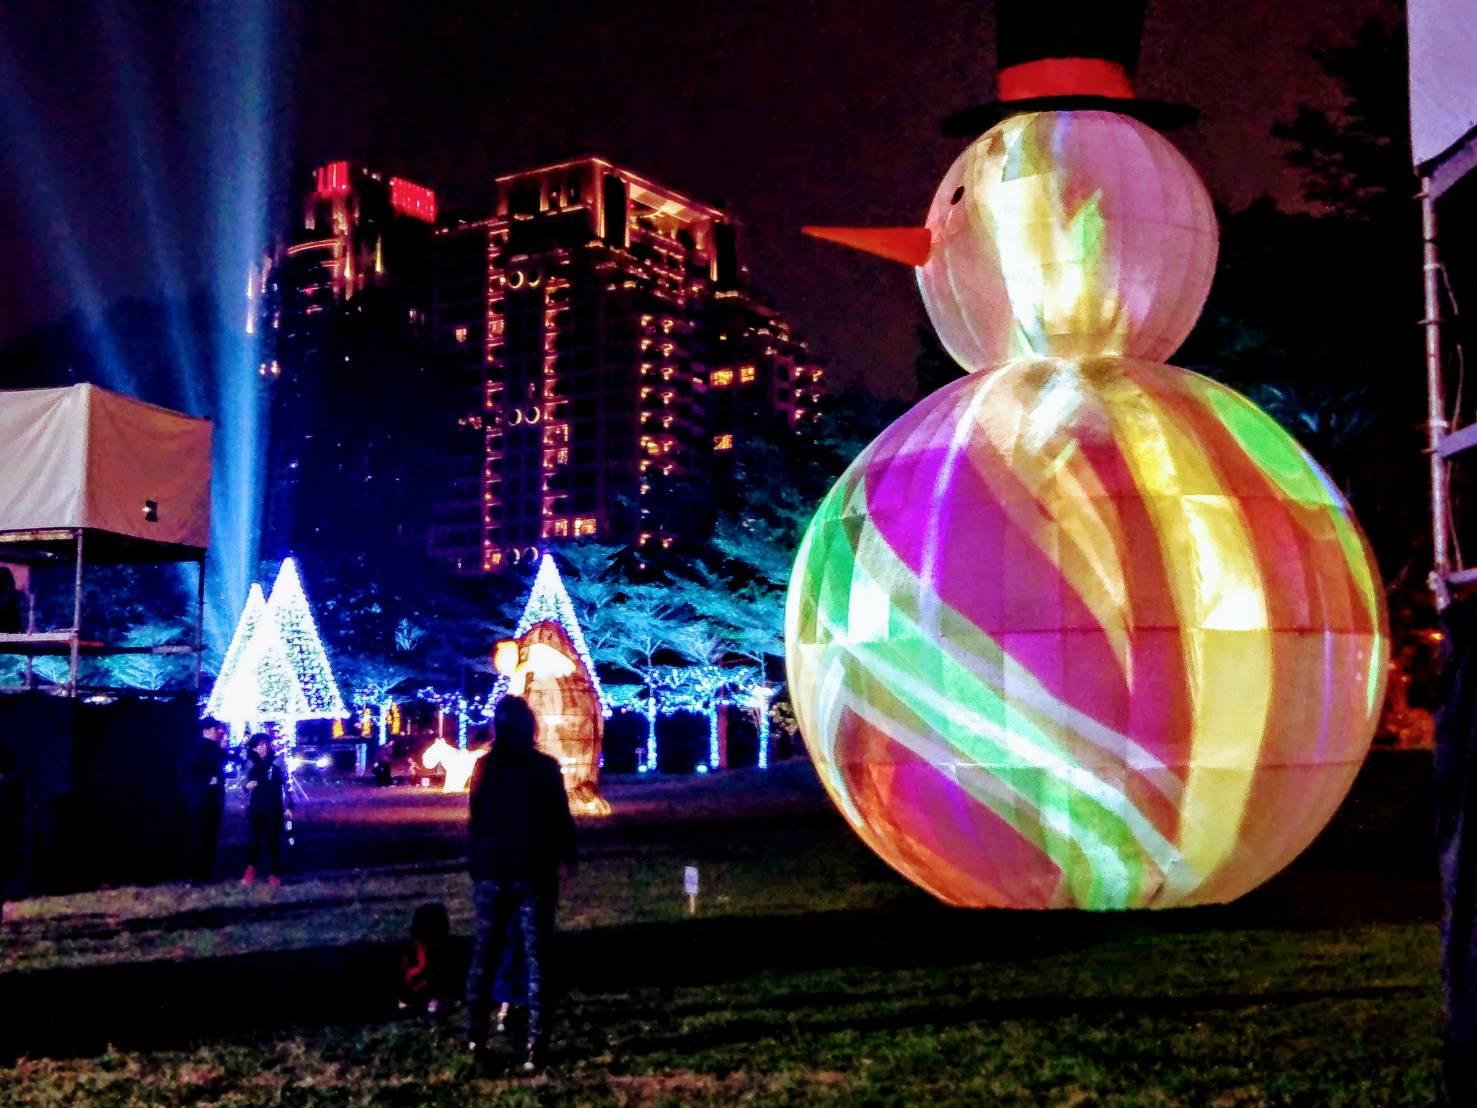 史上展期最長 2020臺灣燈會副展區搶先曝光 | 旅遊 | 新頭殼 Newtalk